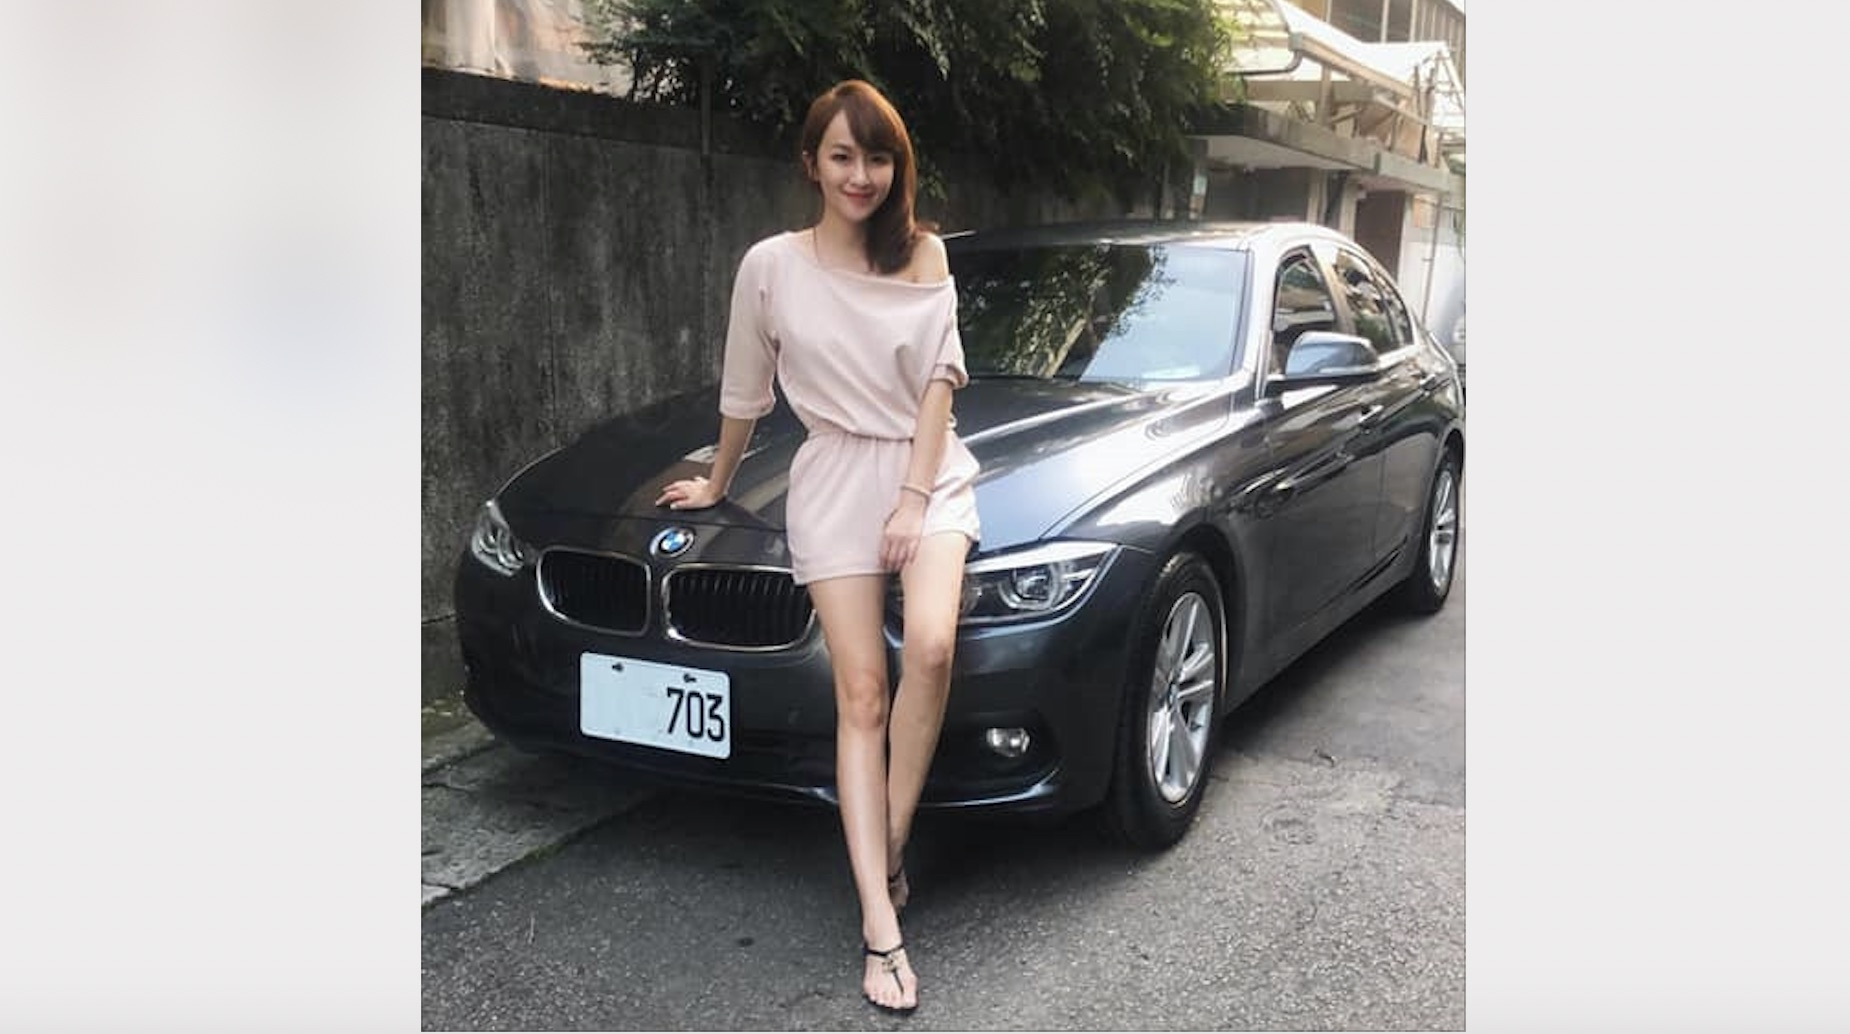 【明星聊愛車】美女主播蔡逸帆生日喜收老公禮物BMW 320d 學開車最後一堂課竟是挑戰九彎十八拐?